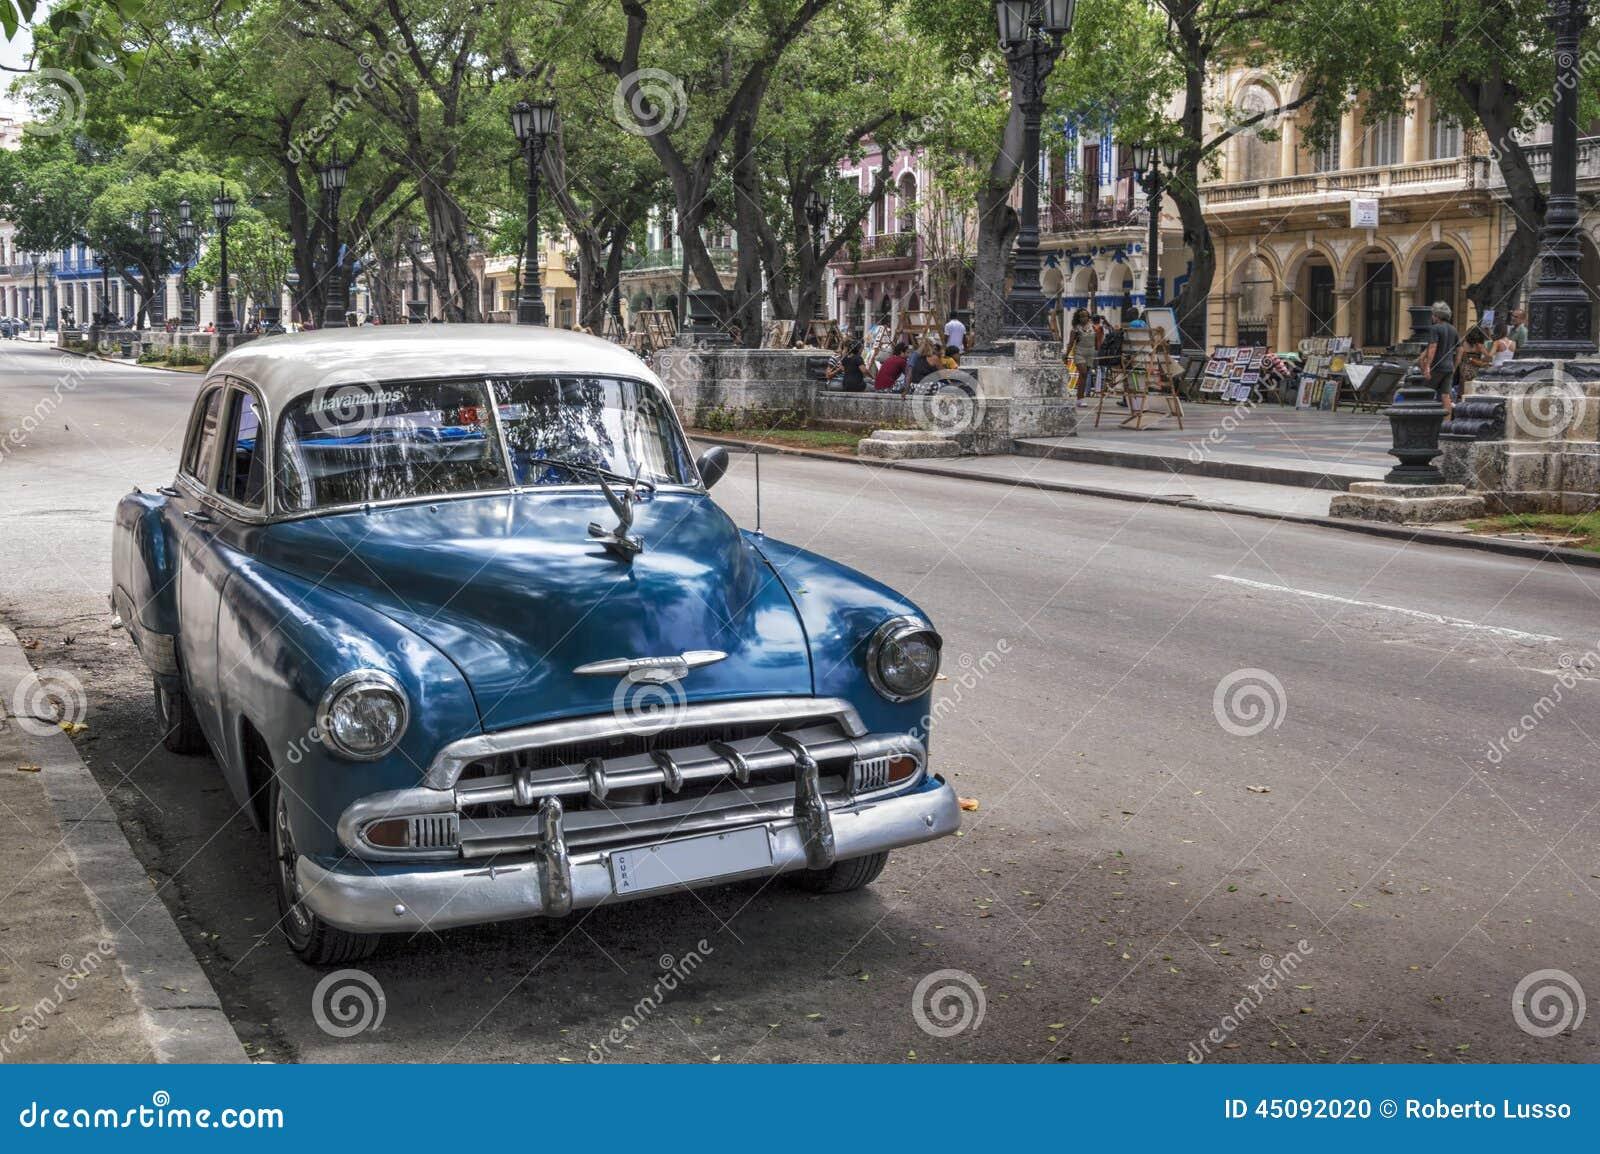 vieille voiture am ricaine vieille la havane cuba image ditorial image du chrome cubain. Black Bedroom Furniture Sets. Home Design Ideas